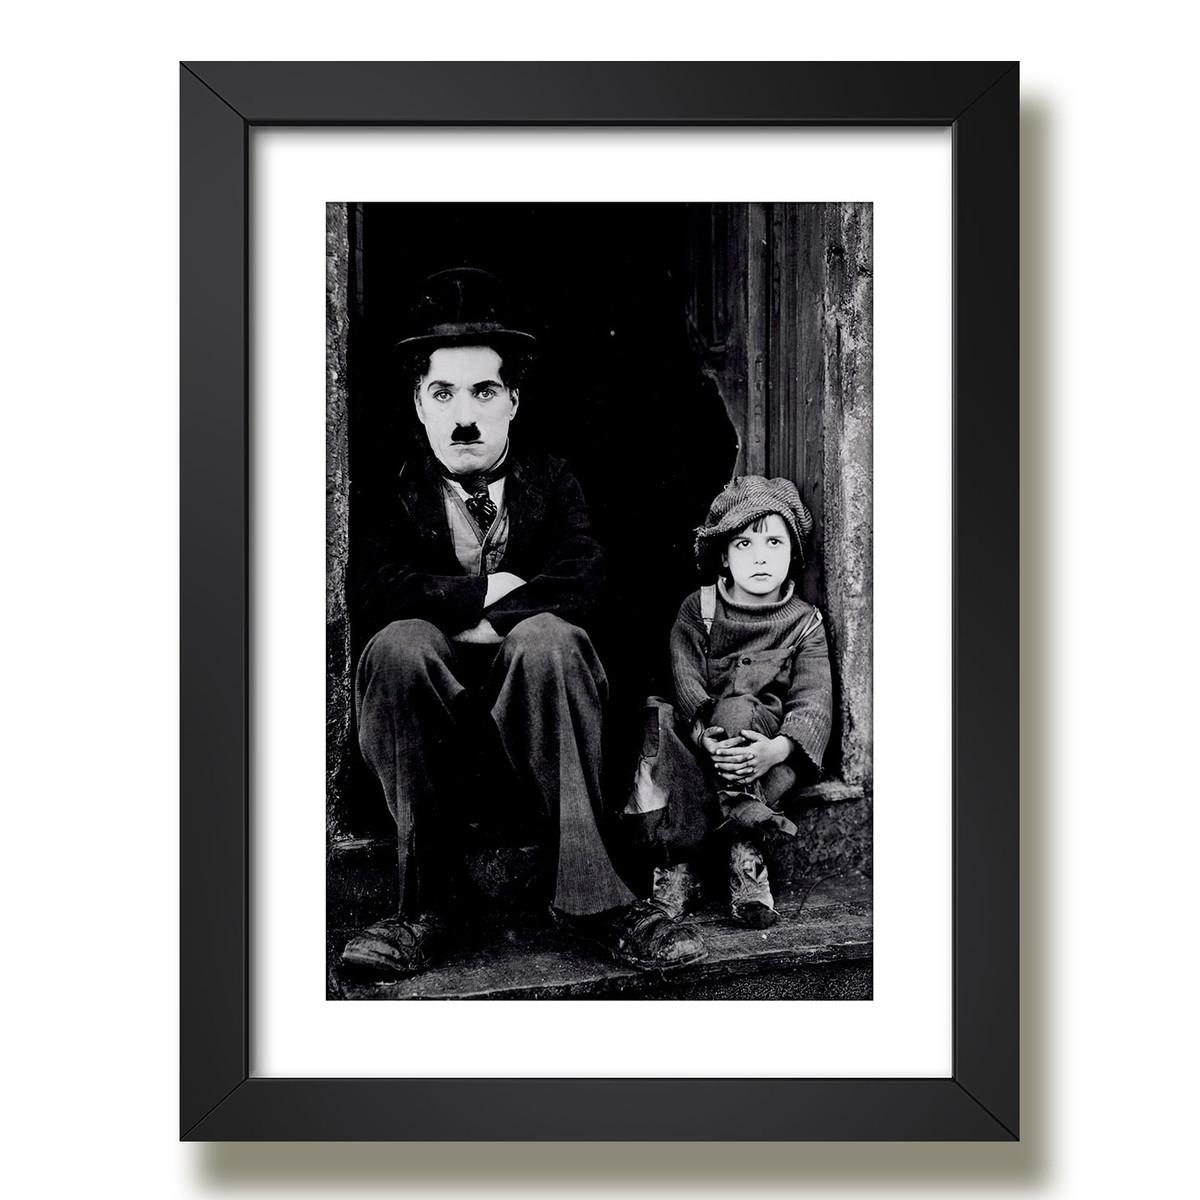 Quadro Charlie Chaplin Filme The Kid G5 No Elo7 Gynposters 9c17f1